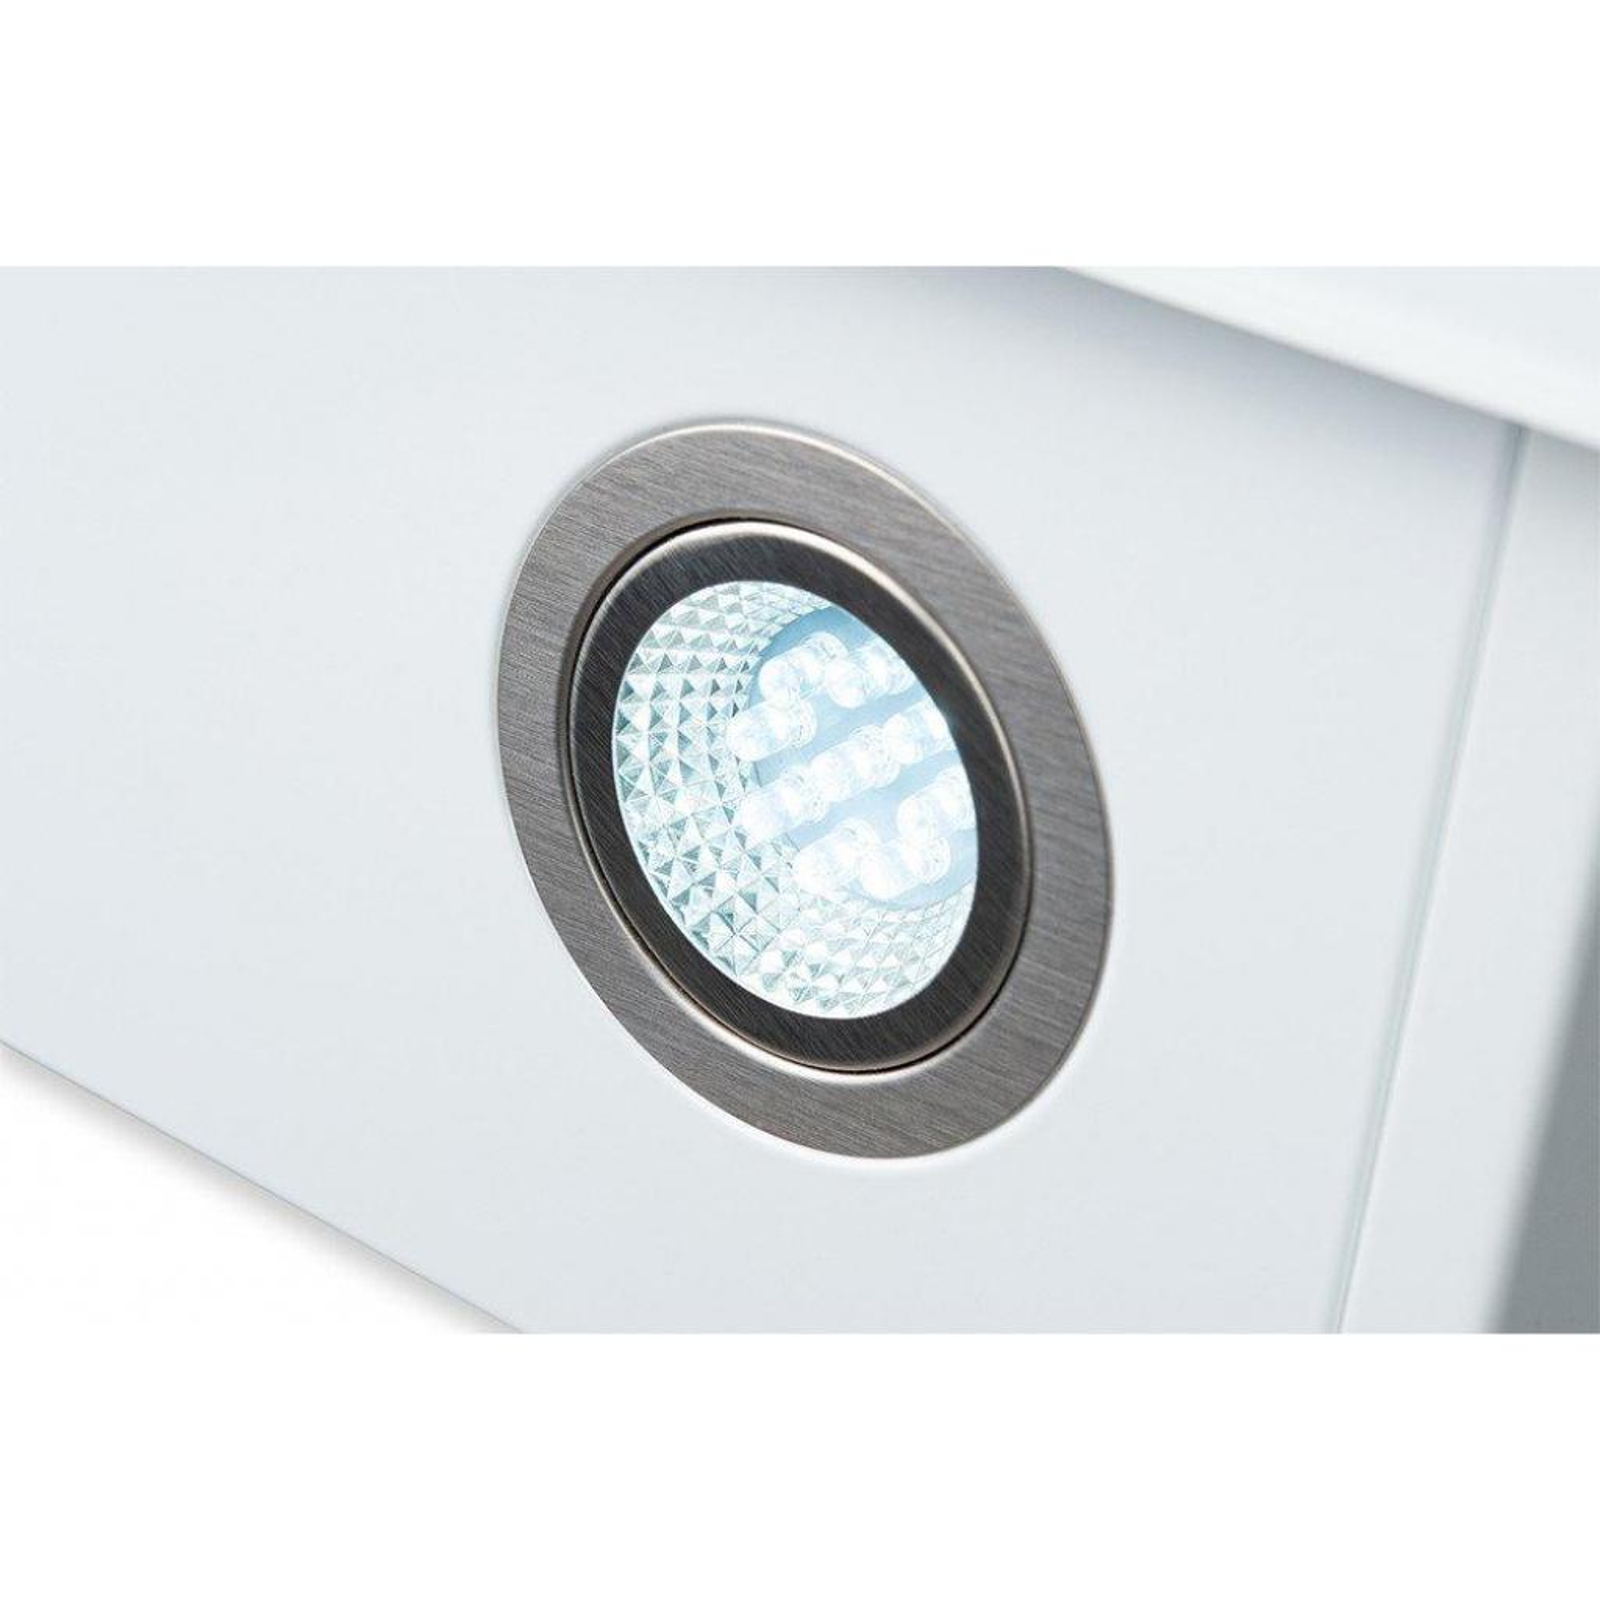 Вытяжка кухонная MINOLA HVS 6382 WH 750 LED изображение 6